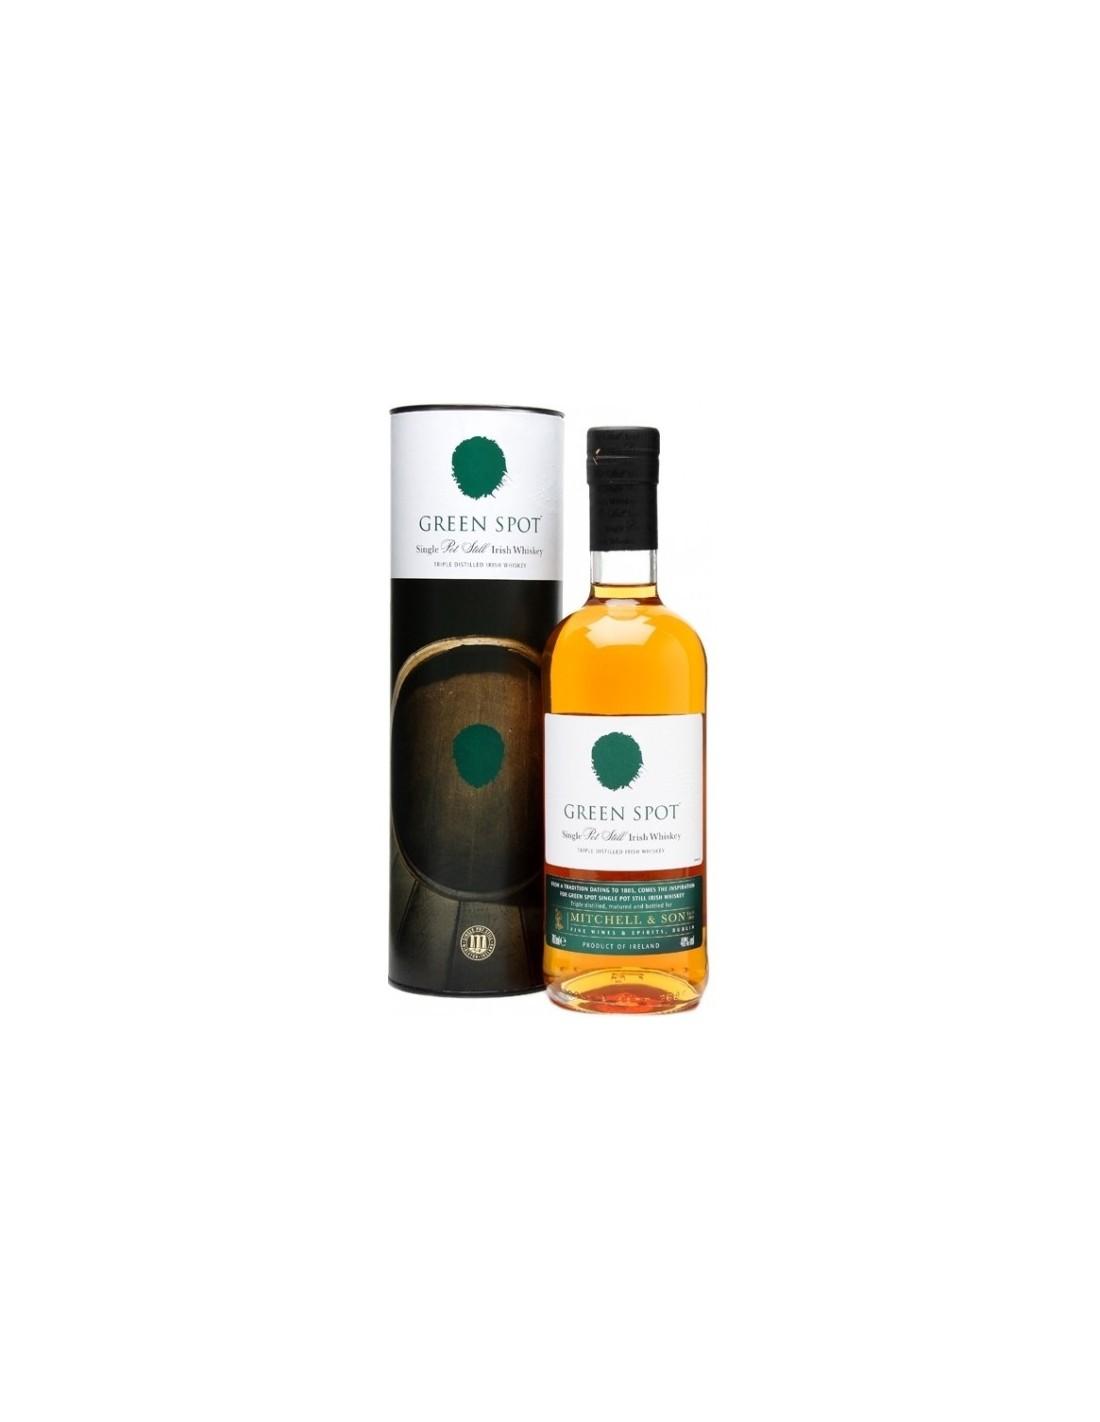 Whisky Green Spot Single Malt Pot Still, 40% alc., 0.7L, Irlanda